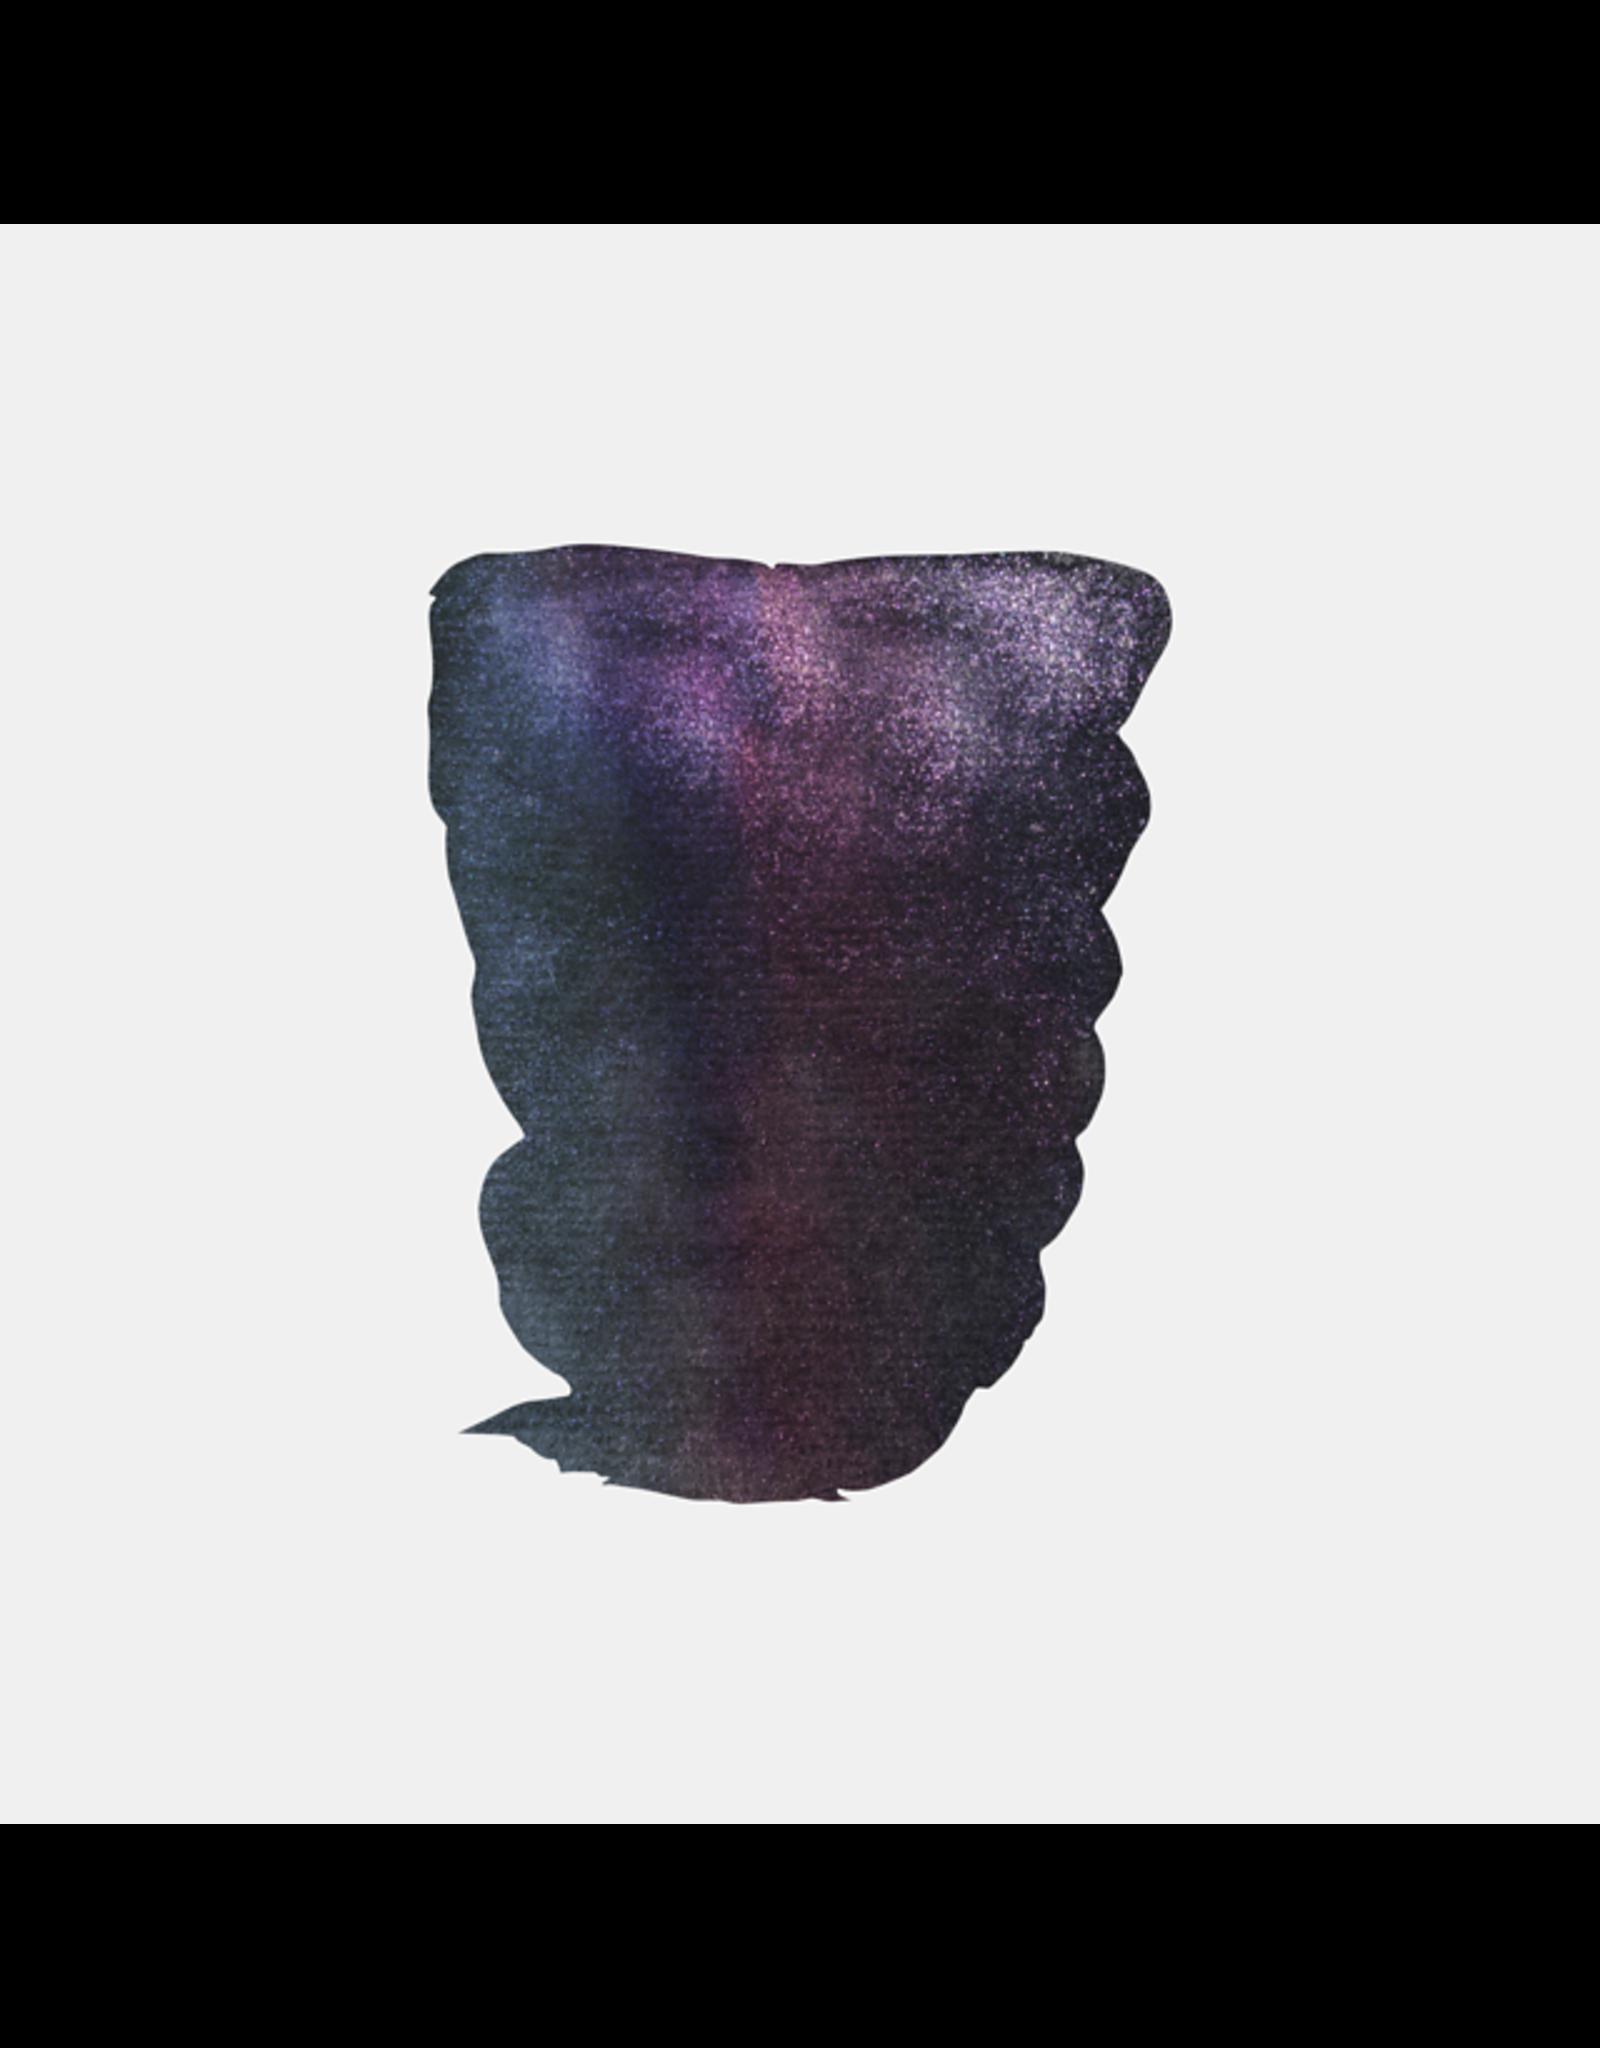 aquarel 1/2 kameleon Goud/rood/violet